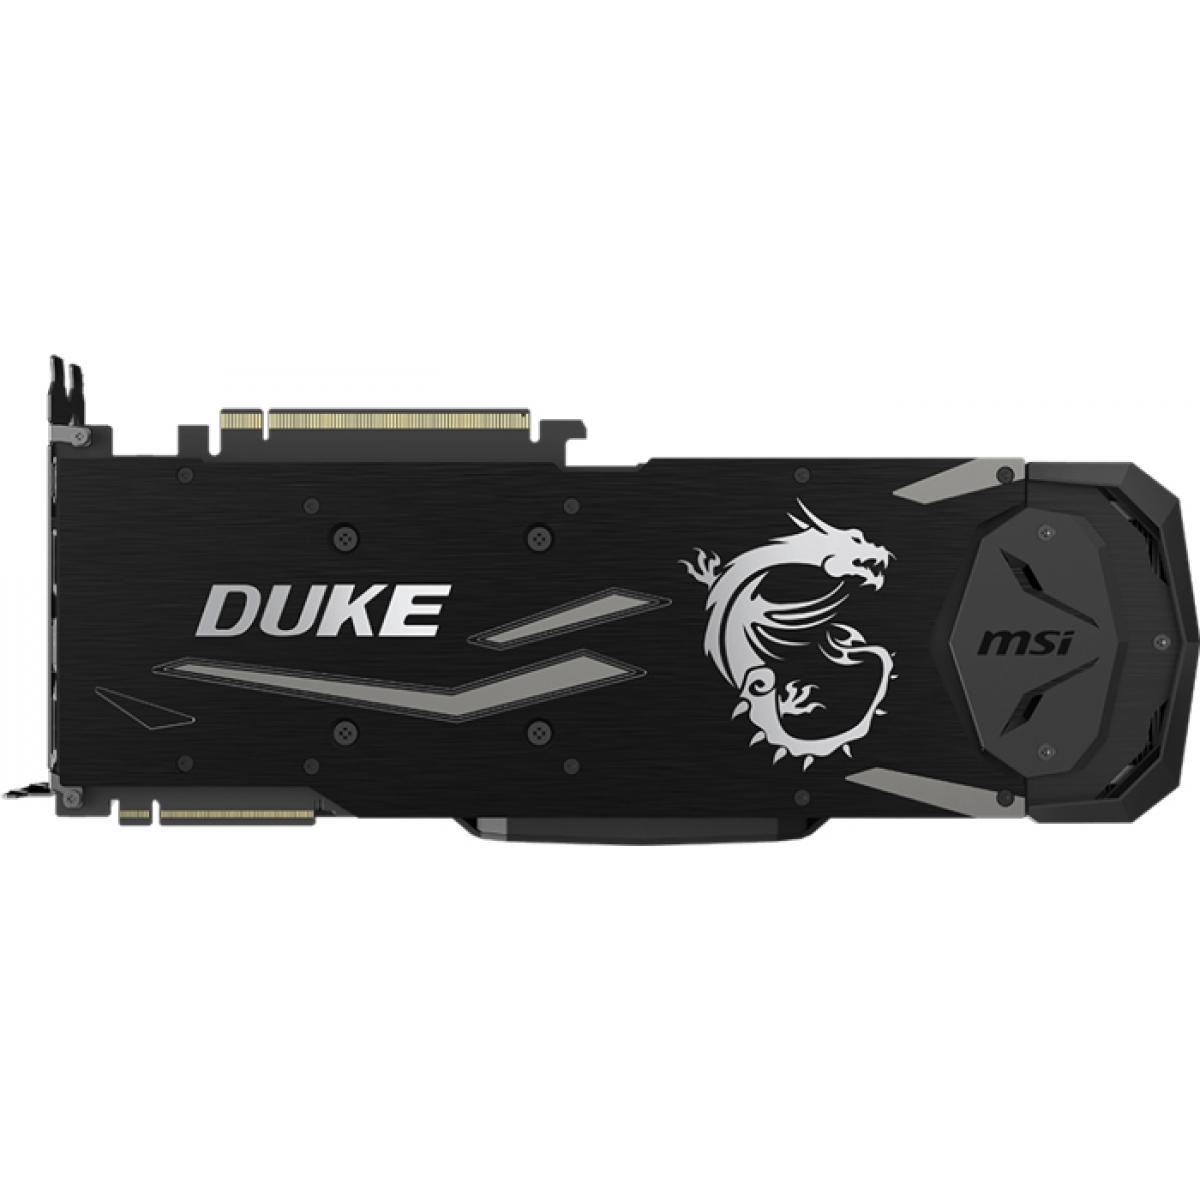 Placa de Video MSI GeForce RTX 2080 Ti Duke OC, 11GB GDDR6, 352Bit